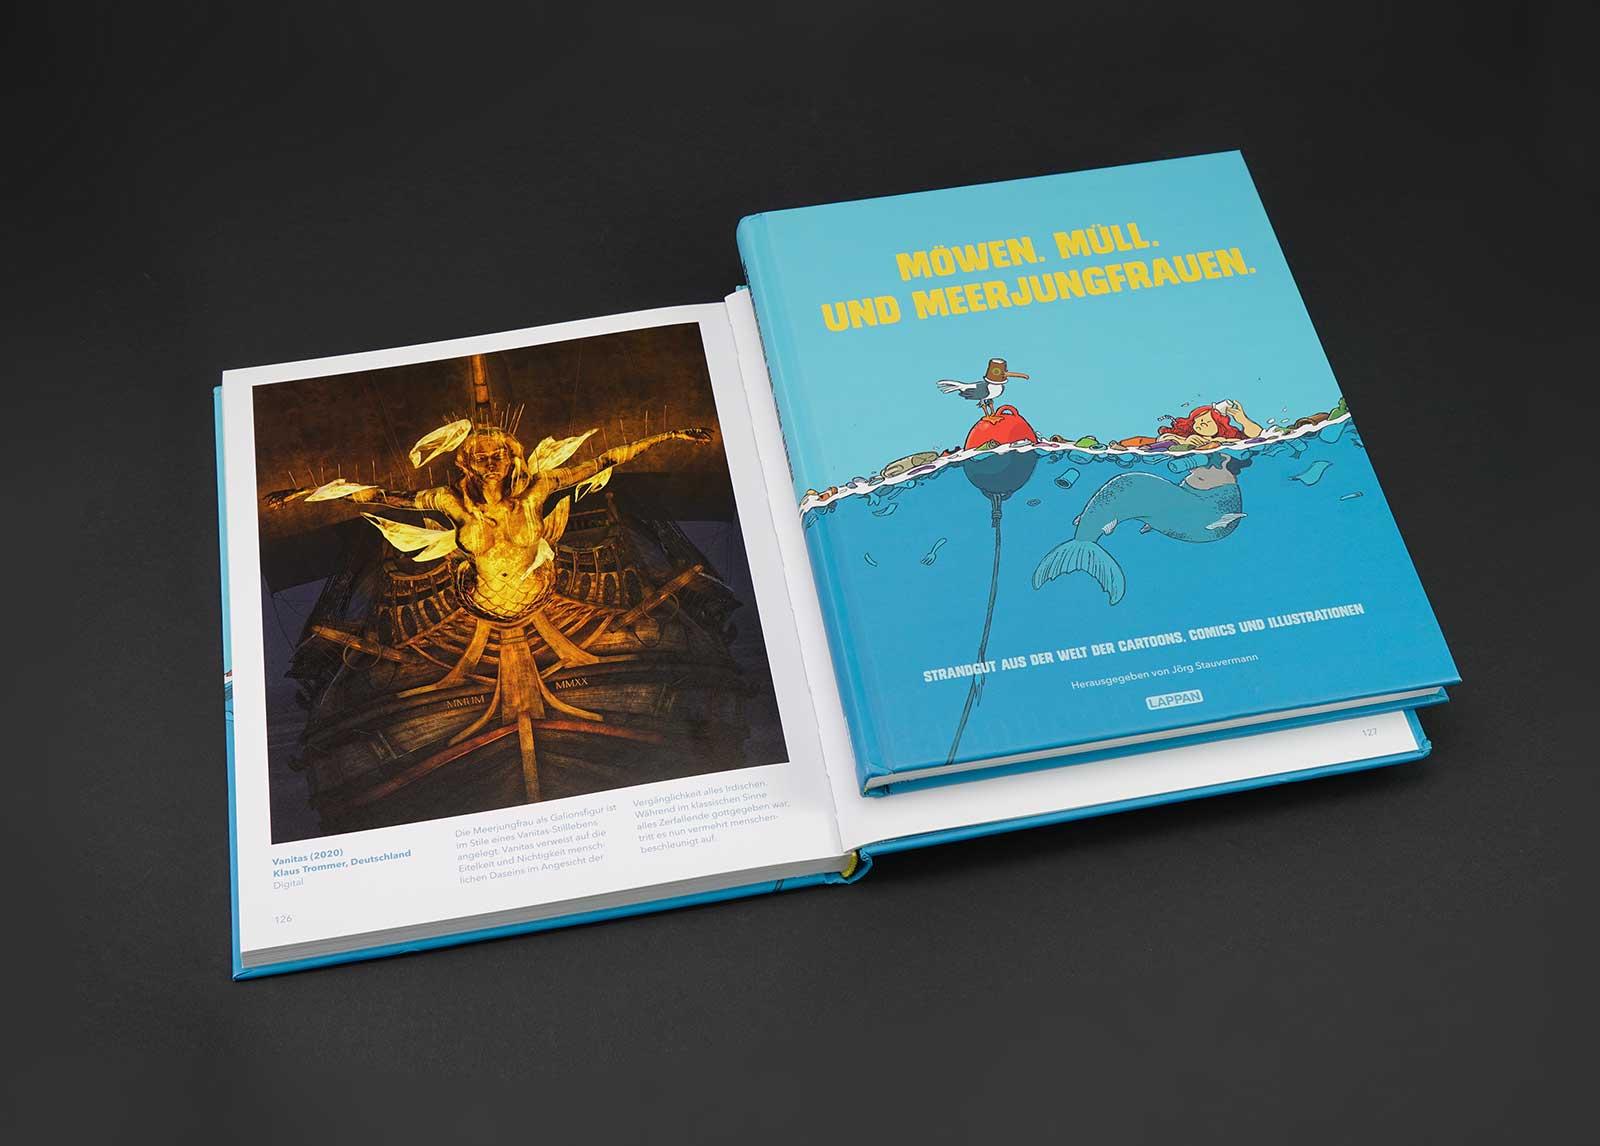 Moewen, Müll und Meerjungfrauen Book Trommer Vanitas